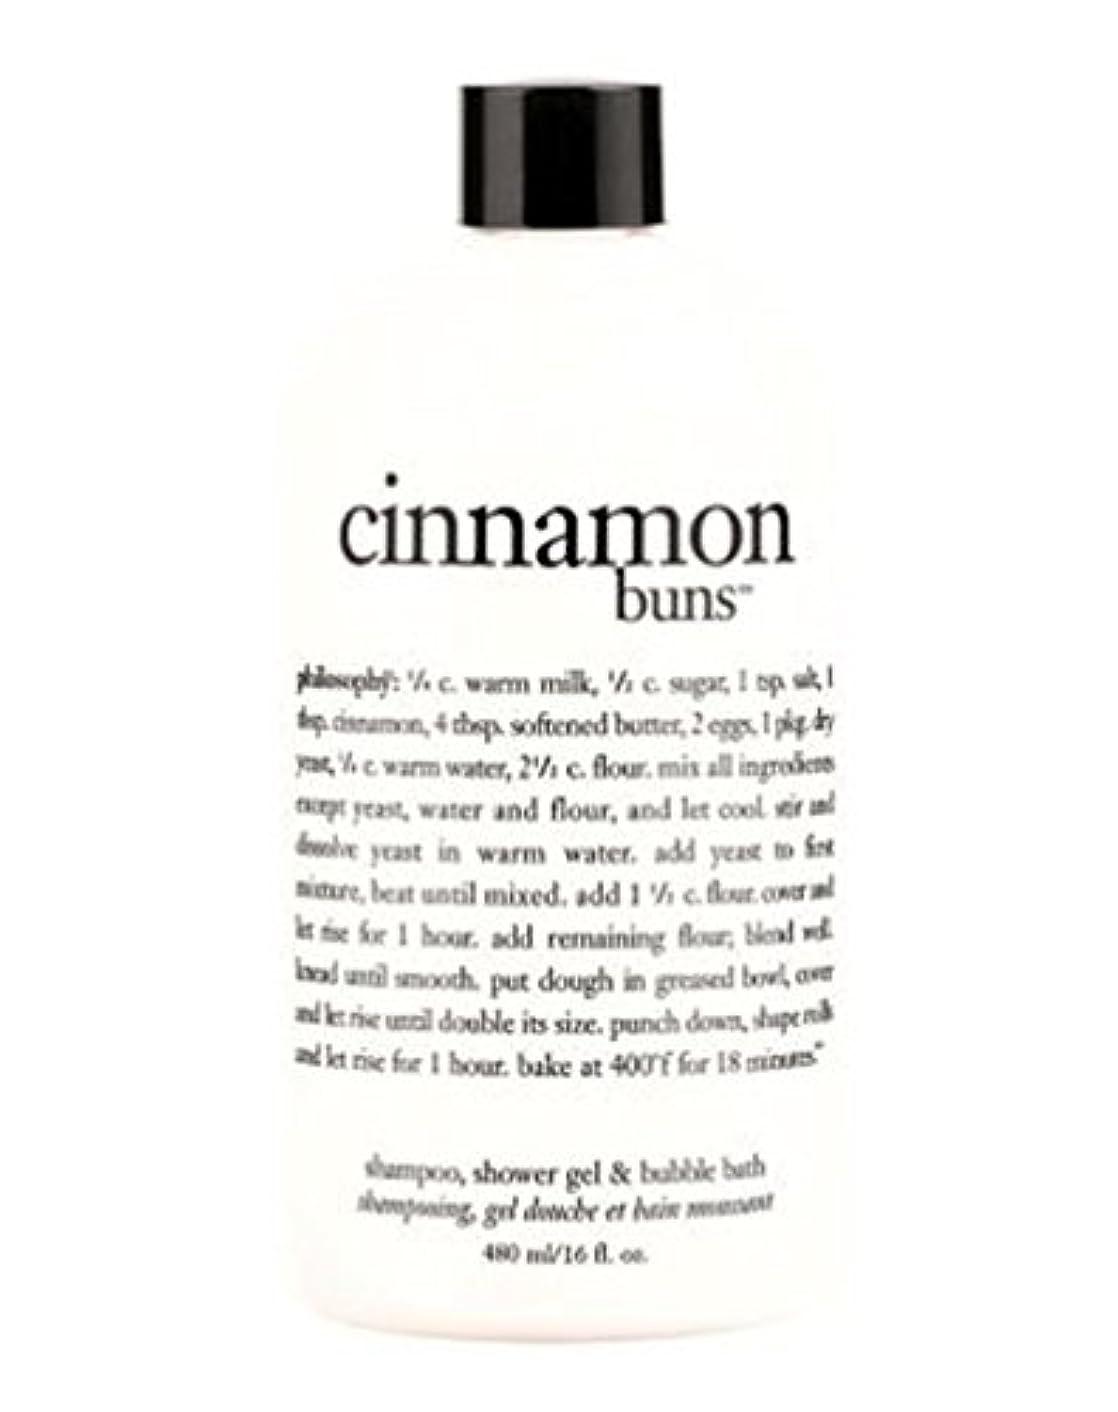 書誌独立したスキルphilosophy cinnamon buns 3 in 1 shampoo, shower gel & bubble bath 480ml - 1シャンプー、シャワージェル&バブルバス480ミリリットルで哲学シナモンバンズ...